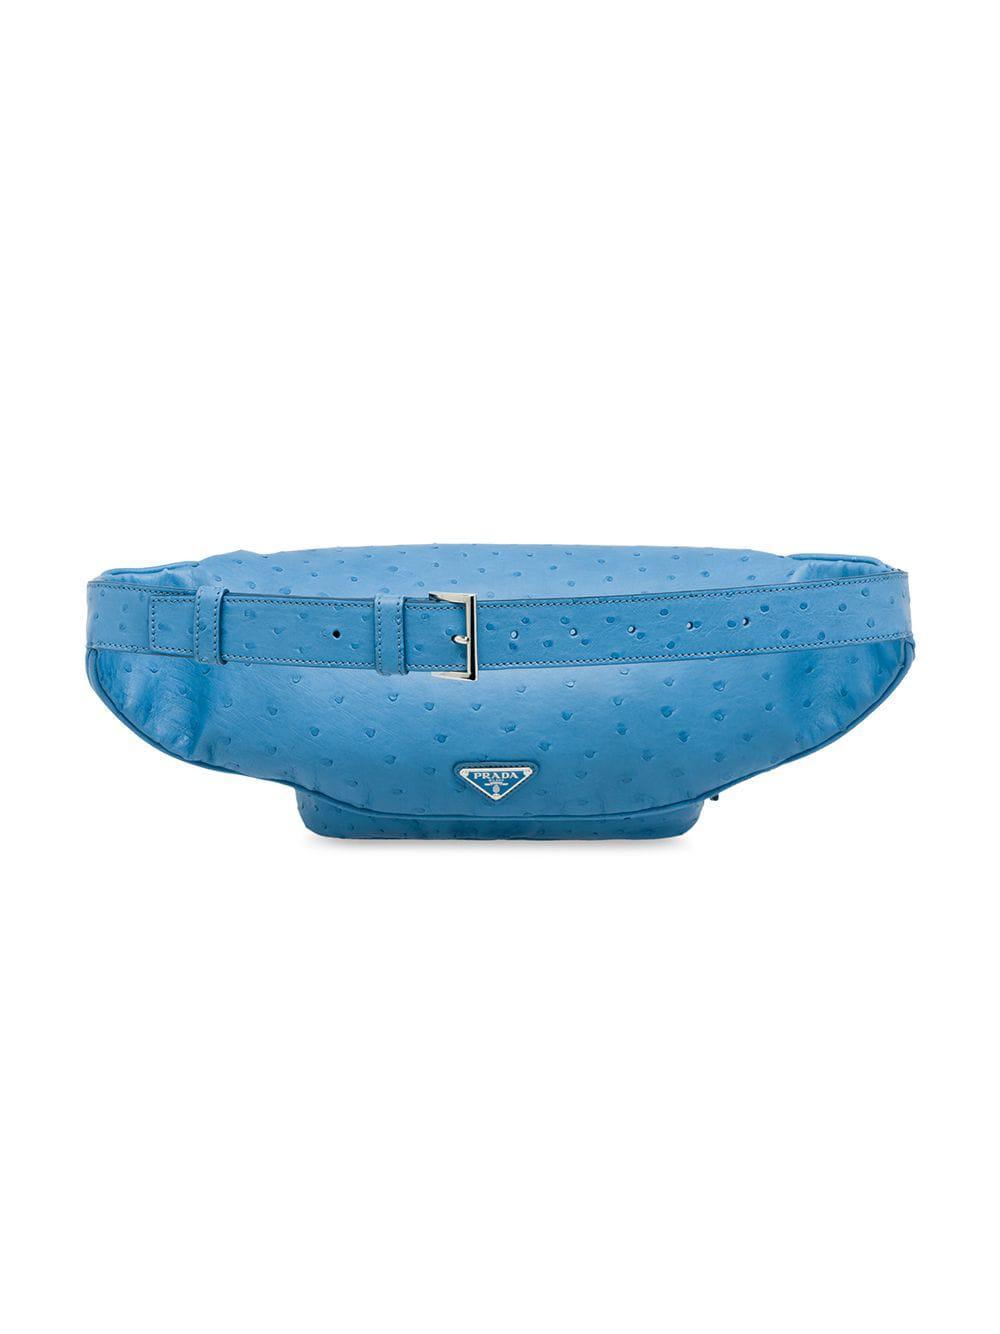 710a8d02e8cb6e Prada Ostrich Leather Belt Bag in Blue for Men - Lyst